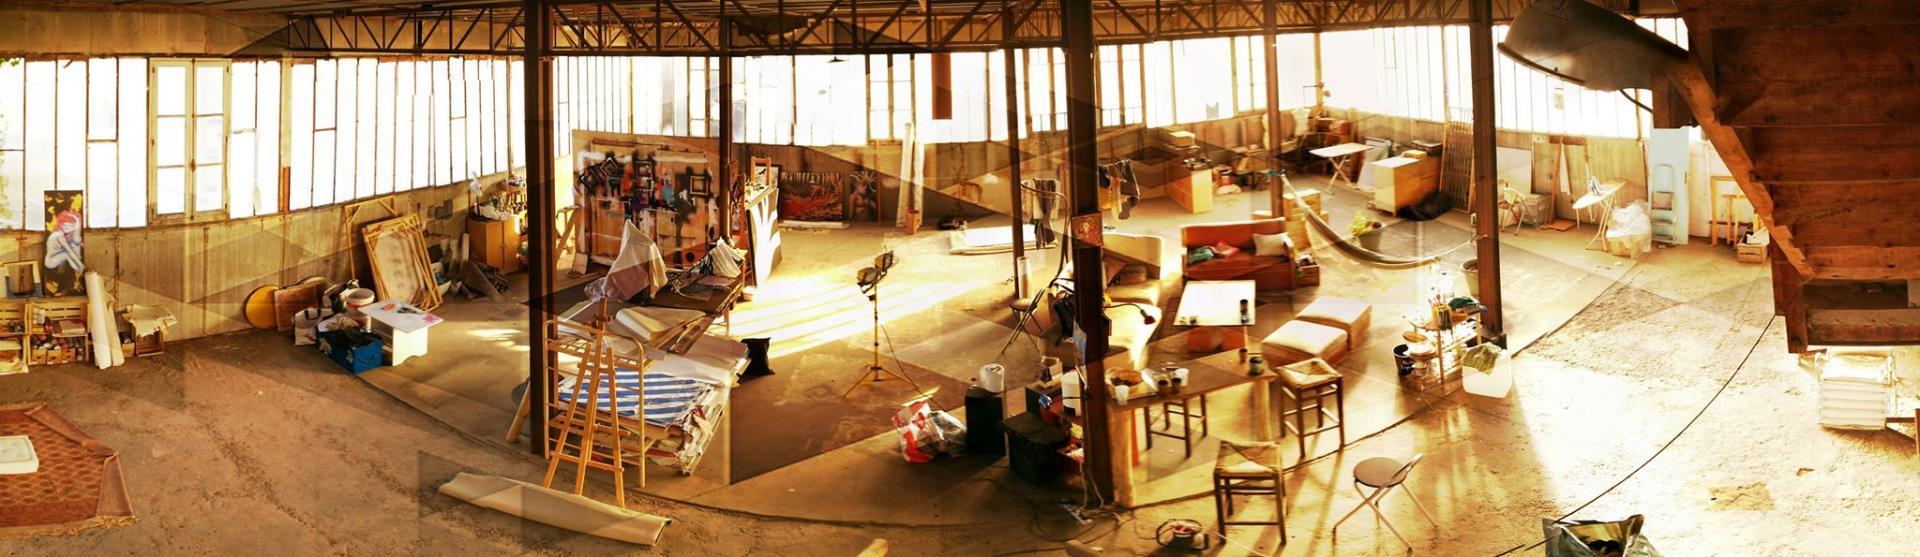 Adhésion à l'association Factory 87 - Factory 87